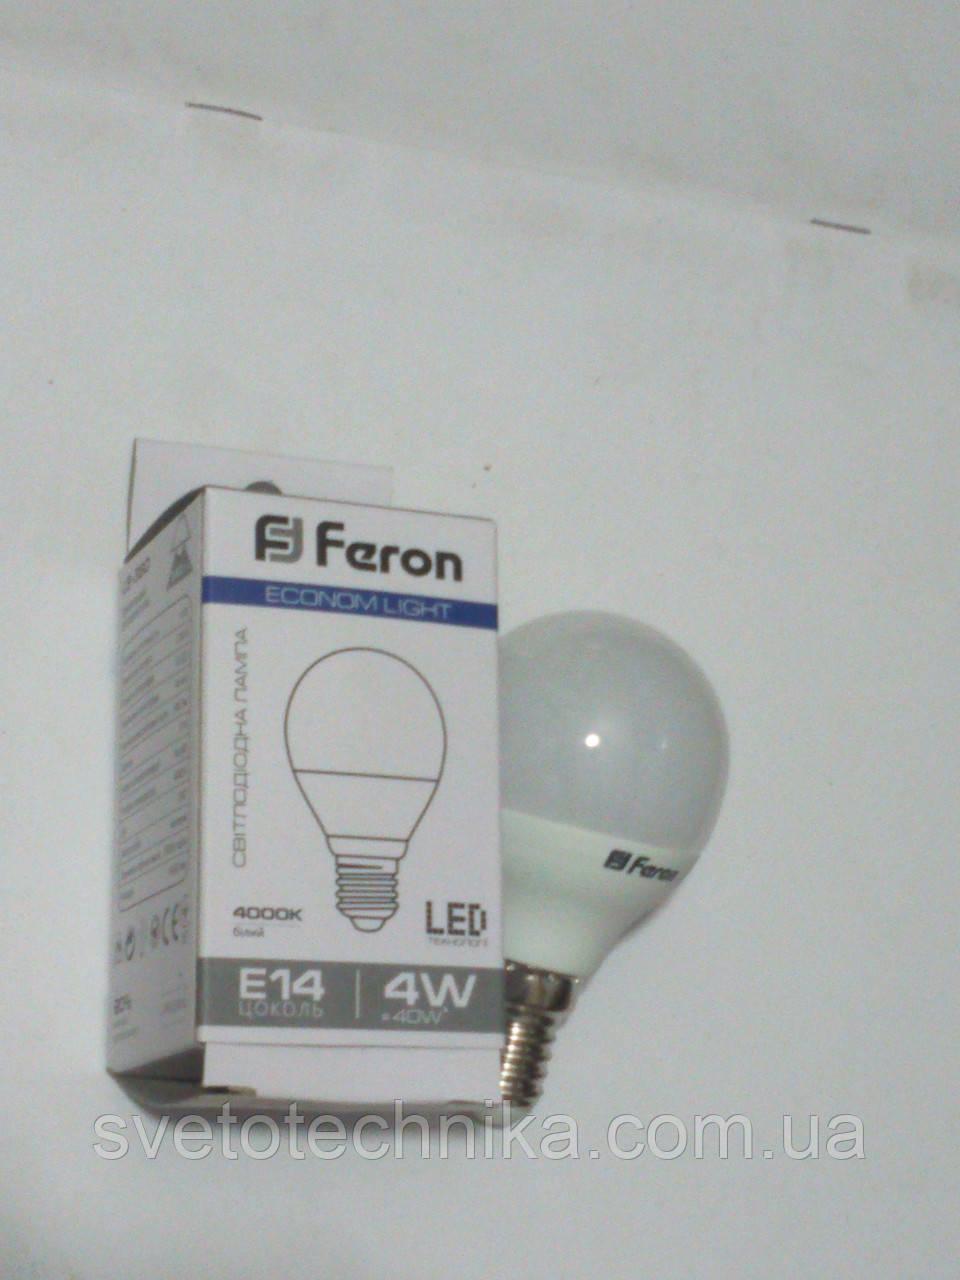 Світлодіодна лампа Feron LB380 E14 4W 4000К